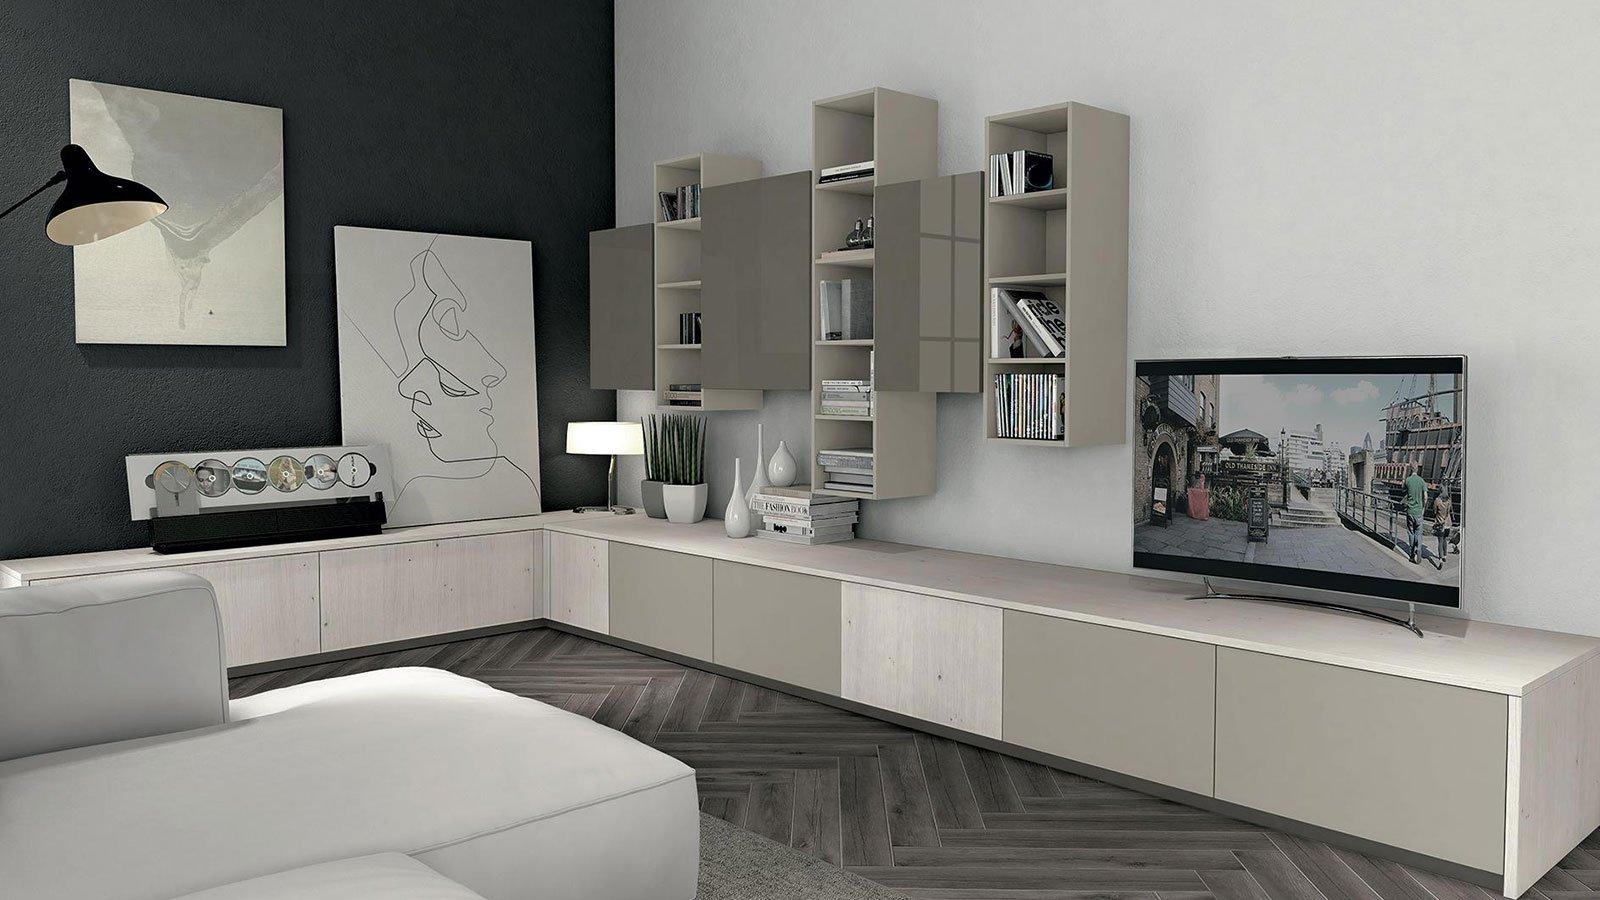 Soggiorno con TV da libreria articoli decorativi dipinti e divano